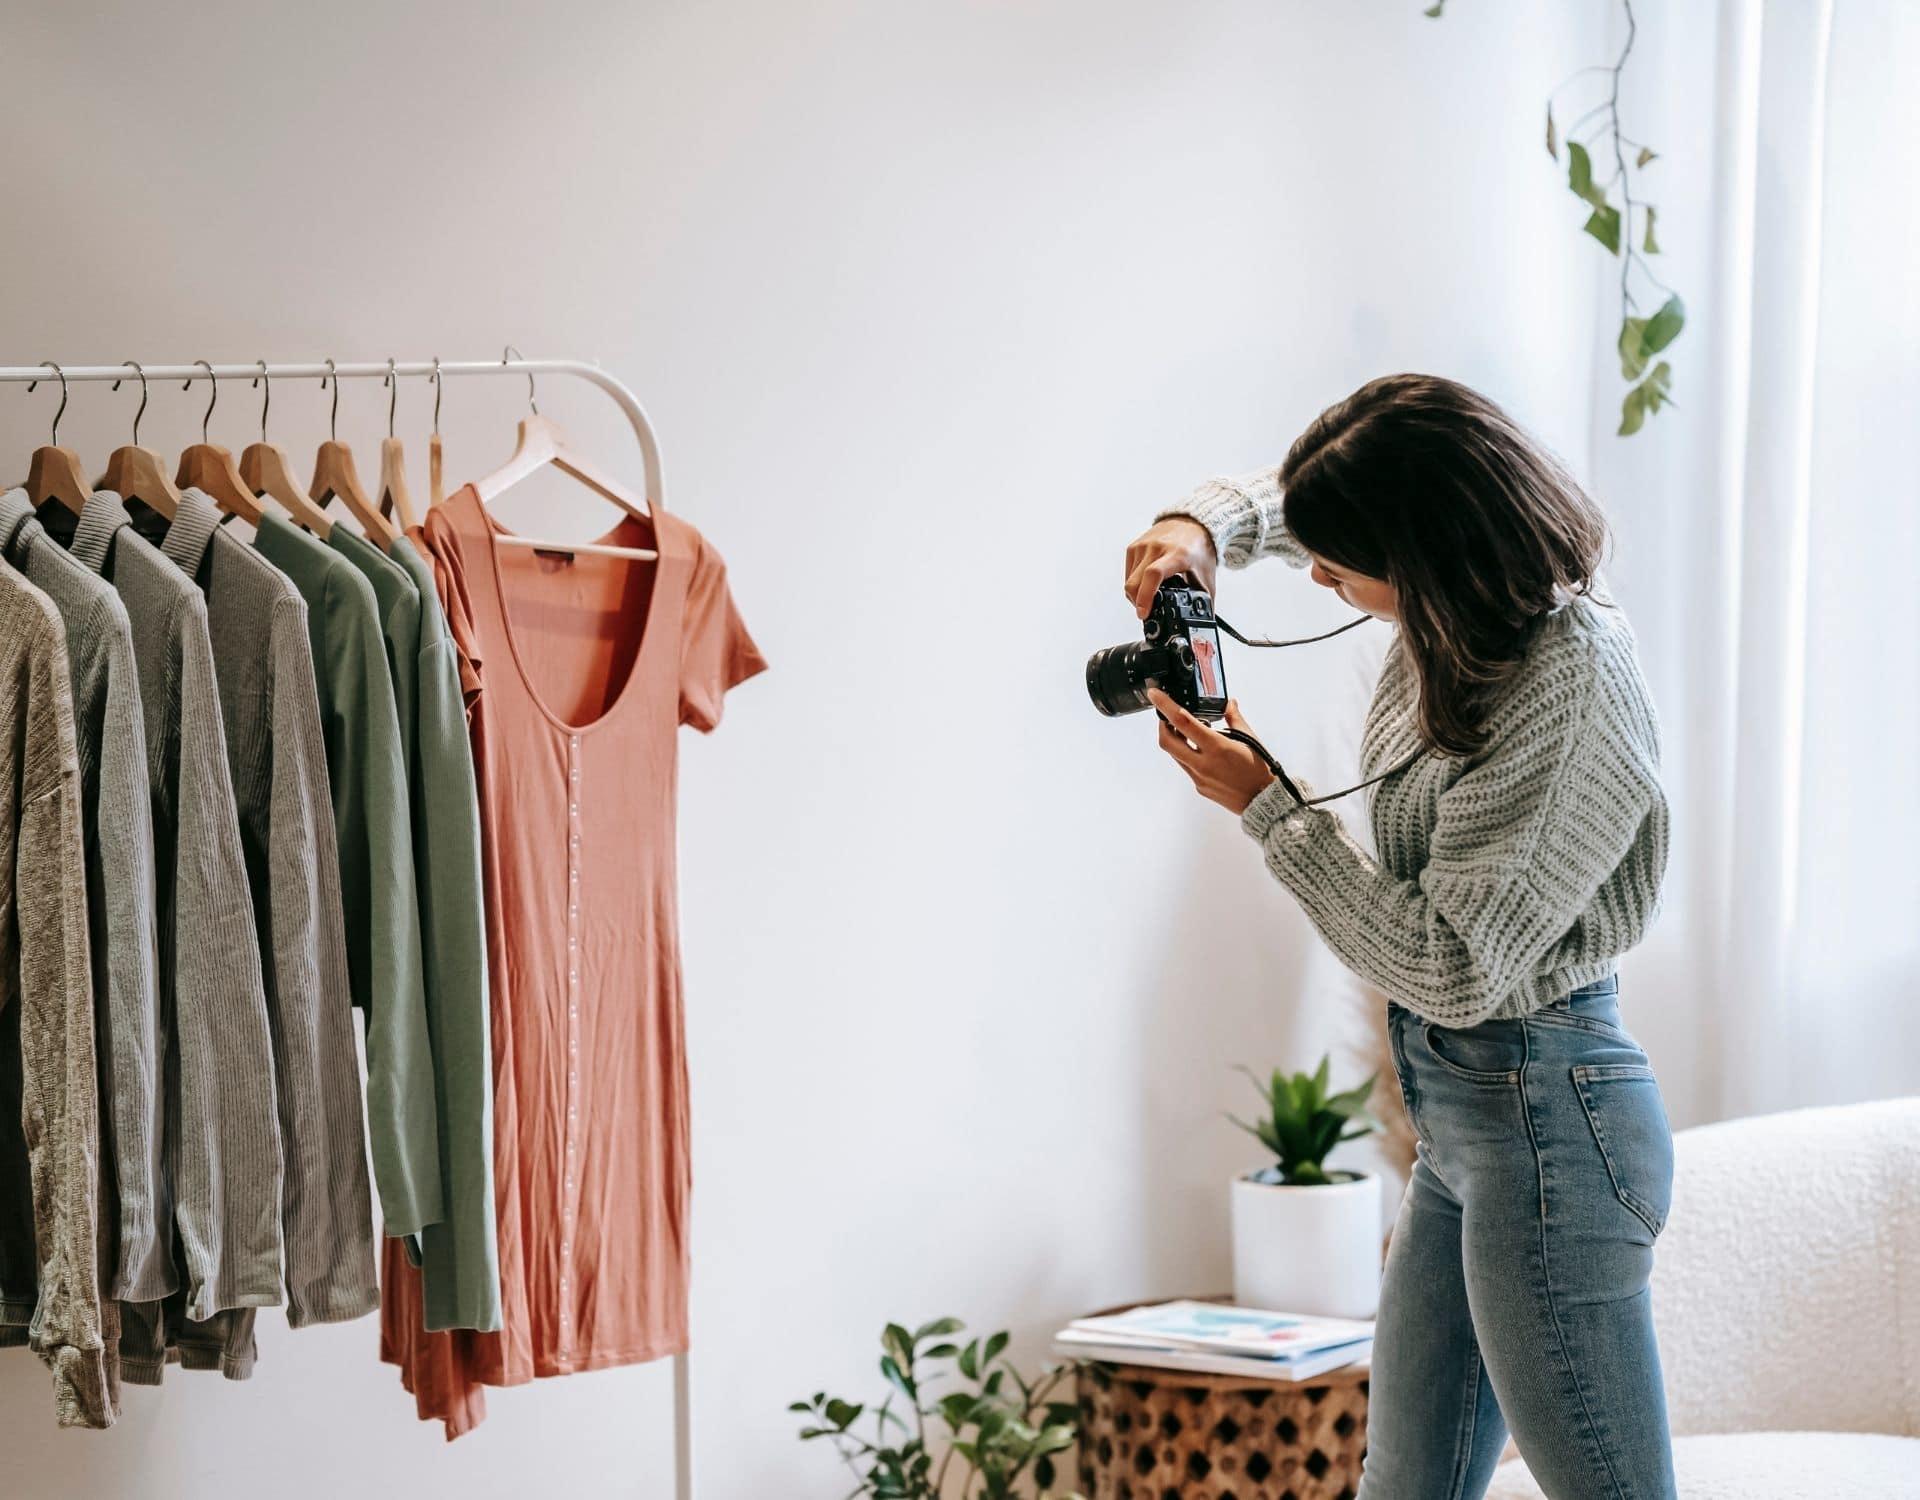 vinted tipps frau macht foto von kleidern